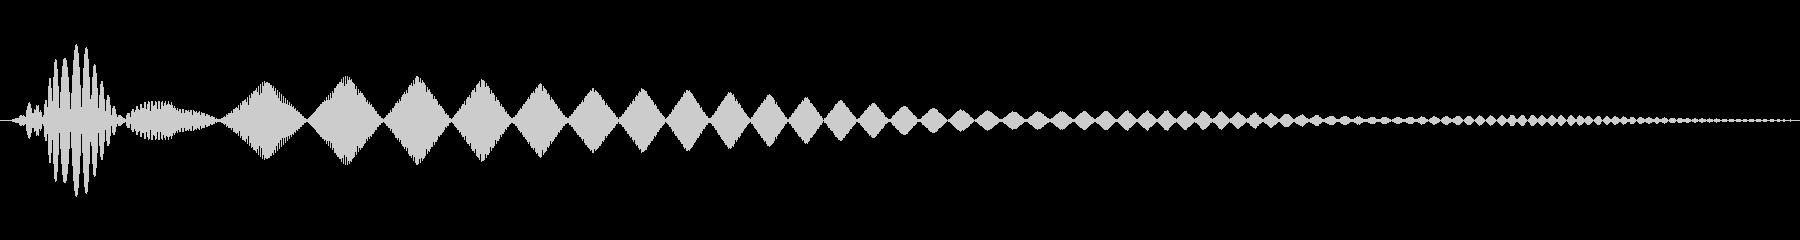 マルチピッチインターフェイスのボタ...の未再生の波形